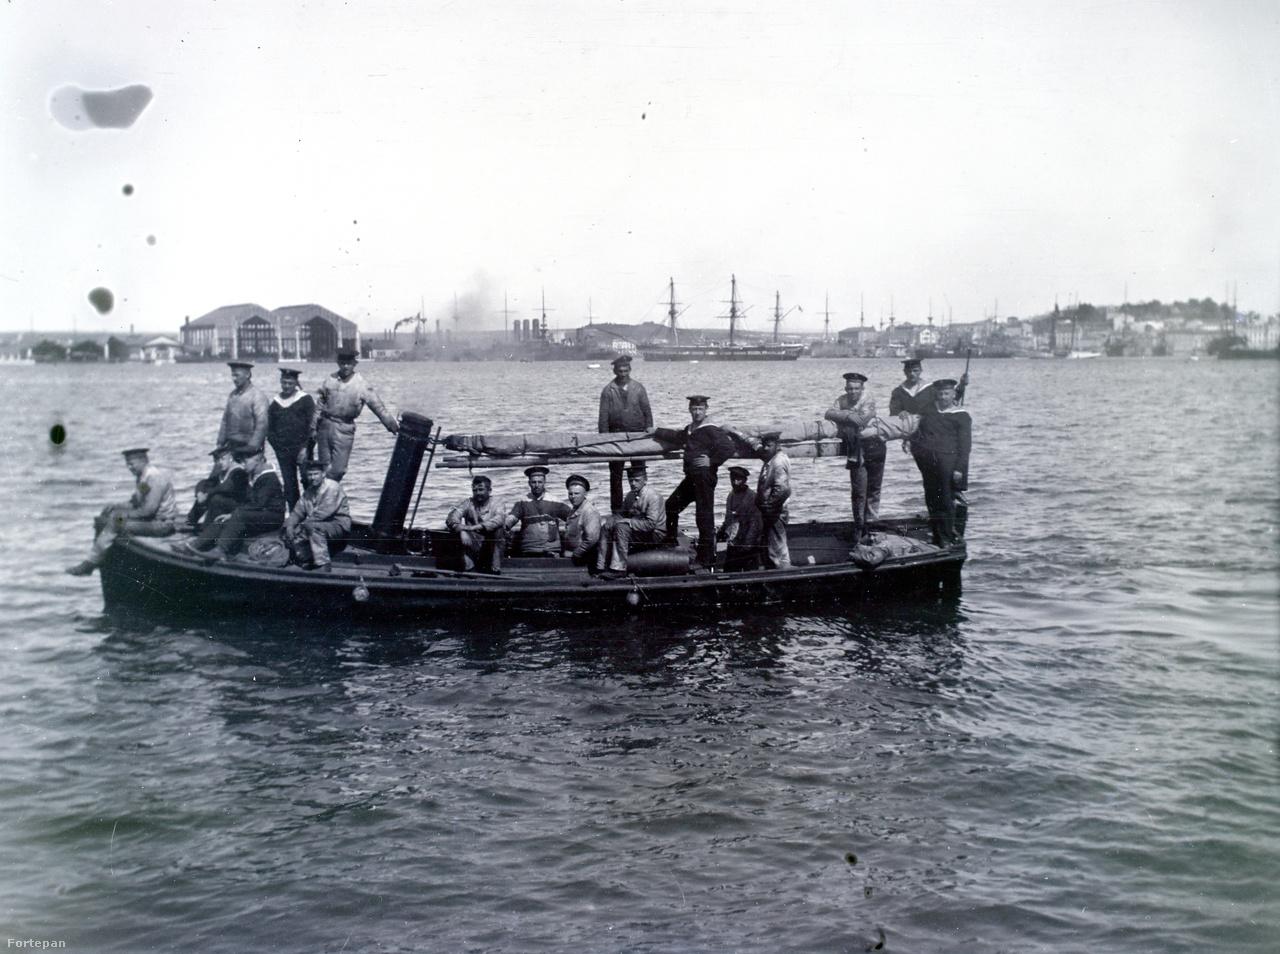 Kis gőzhajtású csónak, a háttérben több lehorgonyzott hadihajó is látható, a háromkéményes valószínűleg egy Erzherzog Karl-osztályú csatahajó.